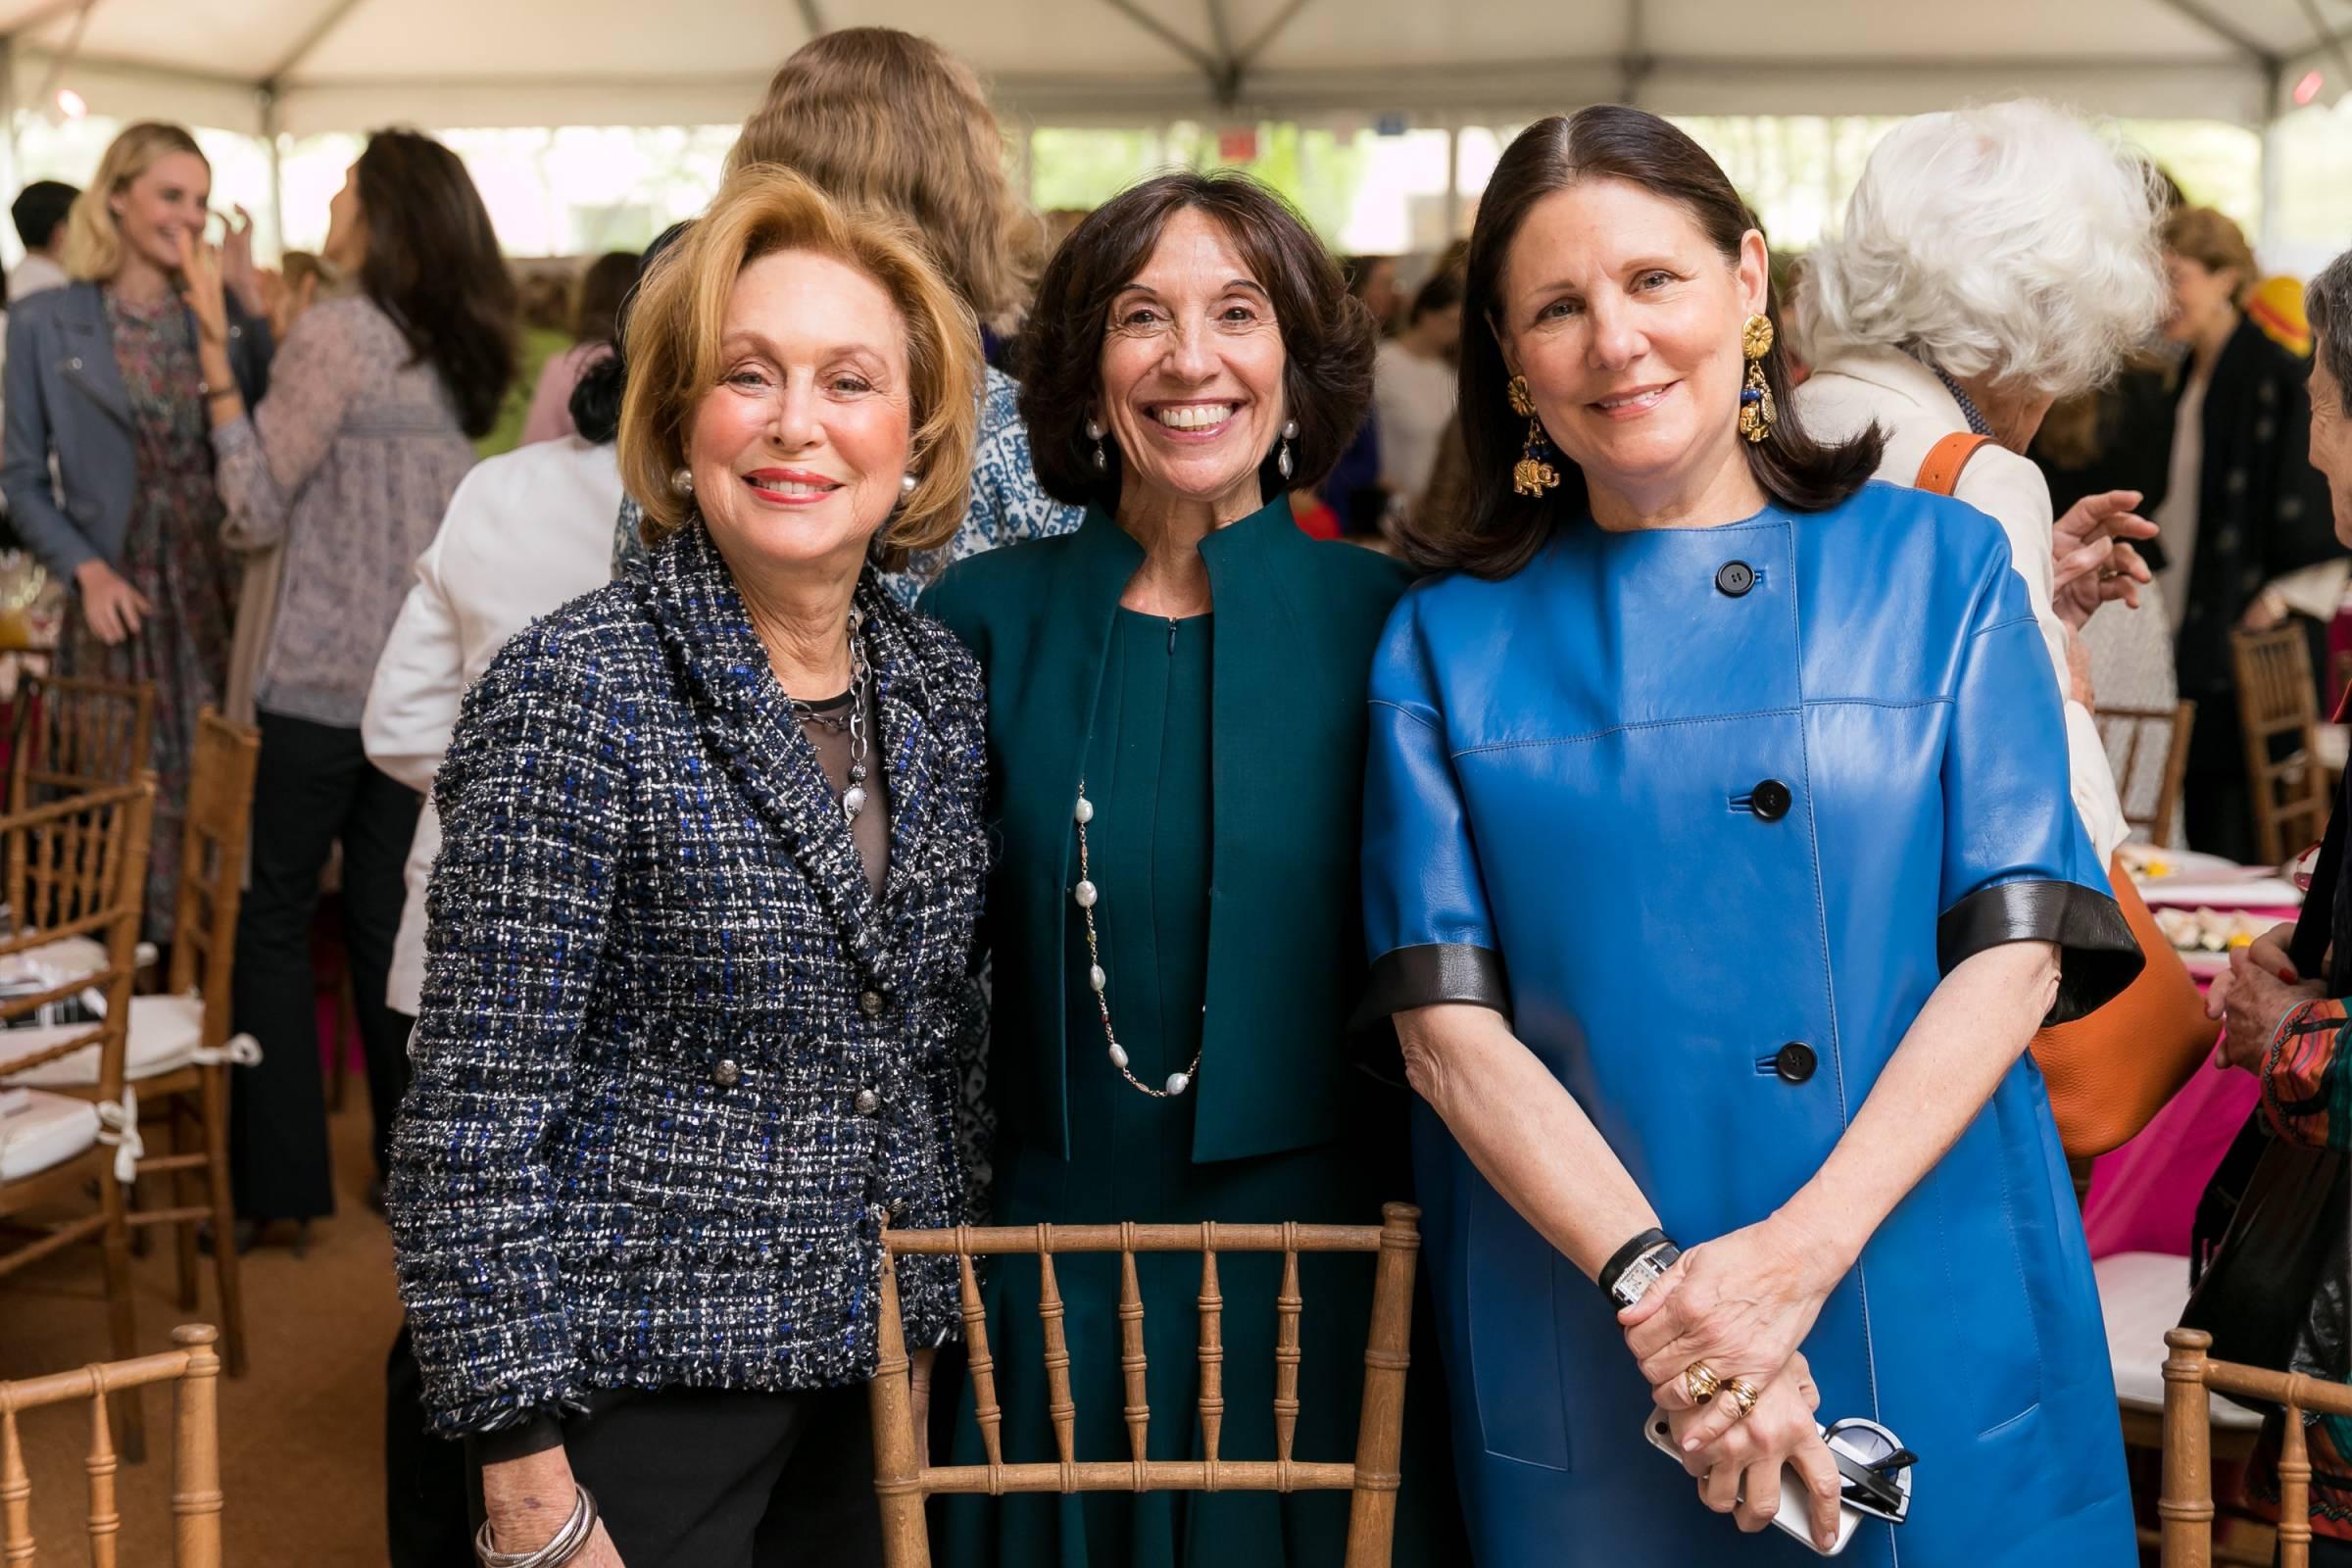 Bryn Cohen, Reina Marin, Susan Danilow